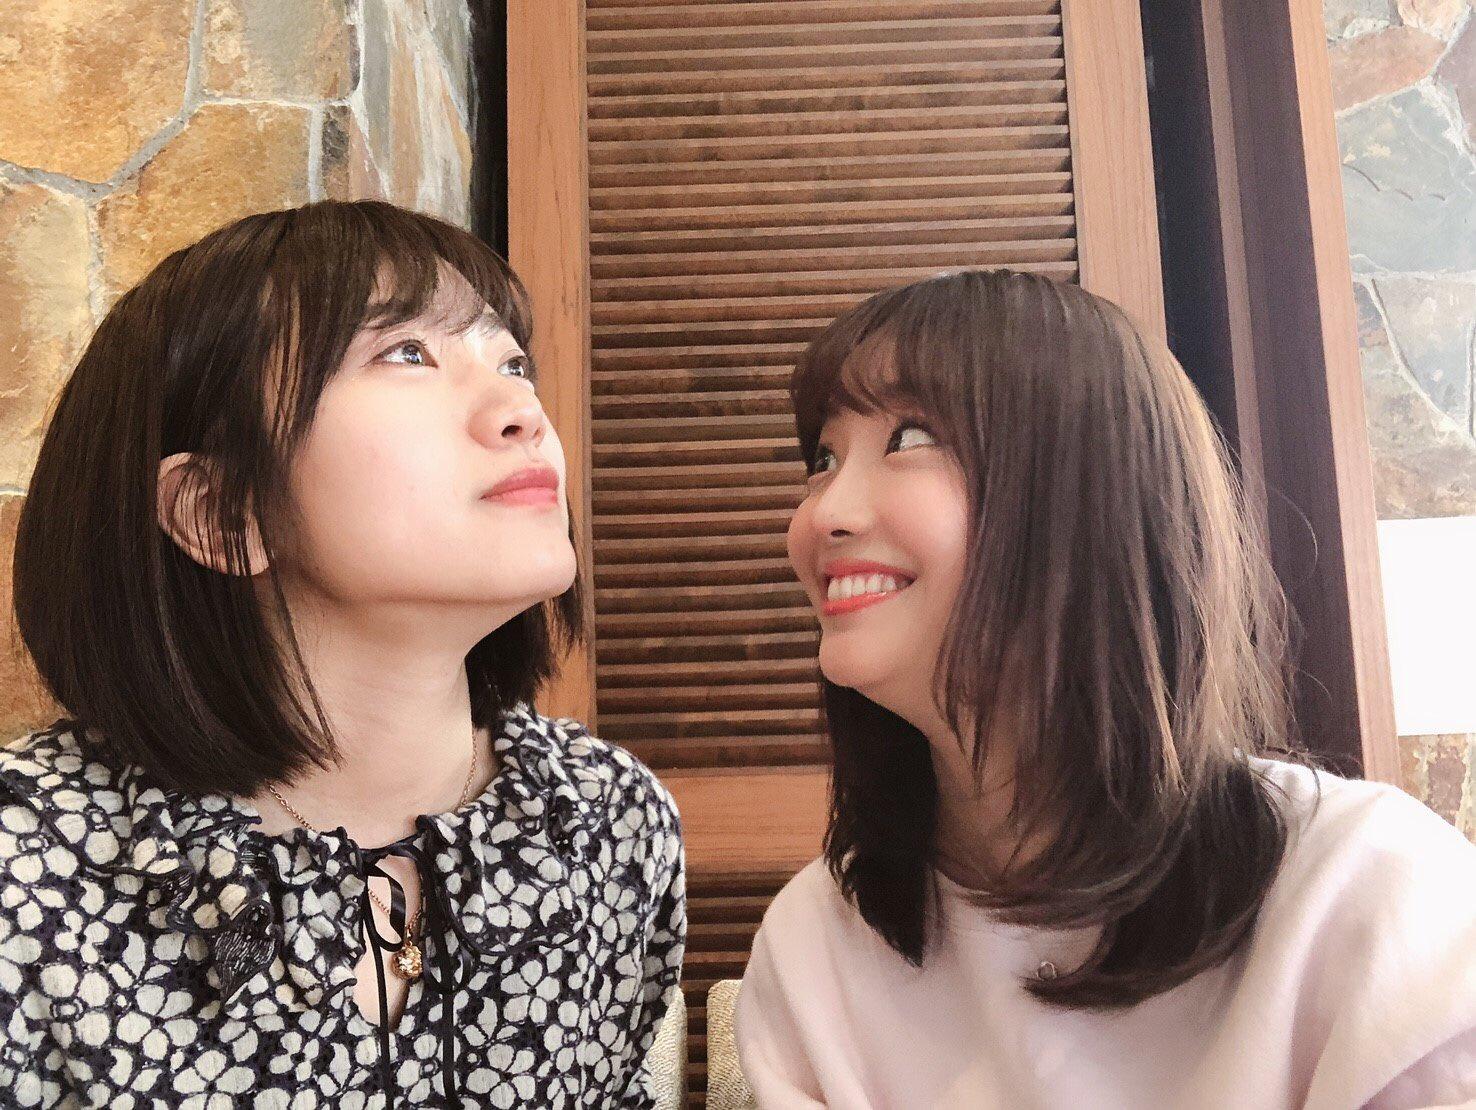 SKE48まとめろぐっ! : 【不仲】柴田阿弥「こあみとランチしました ...